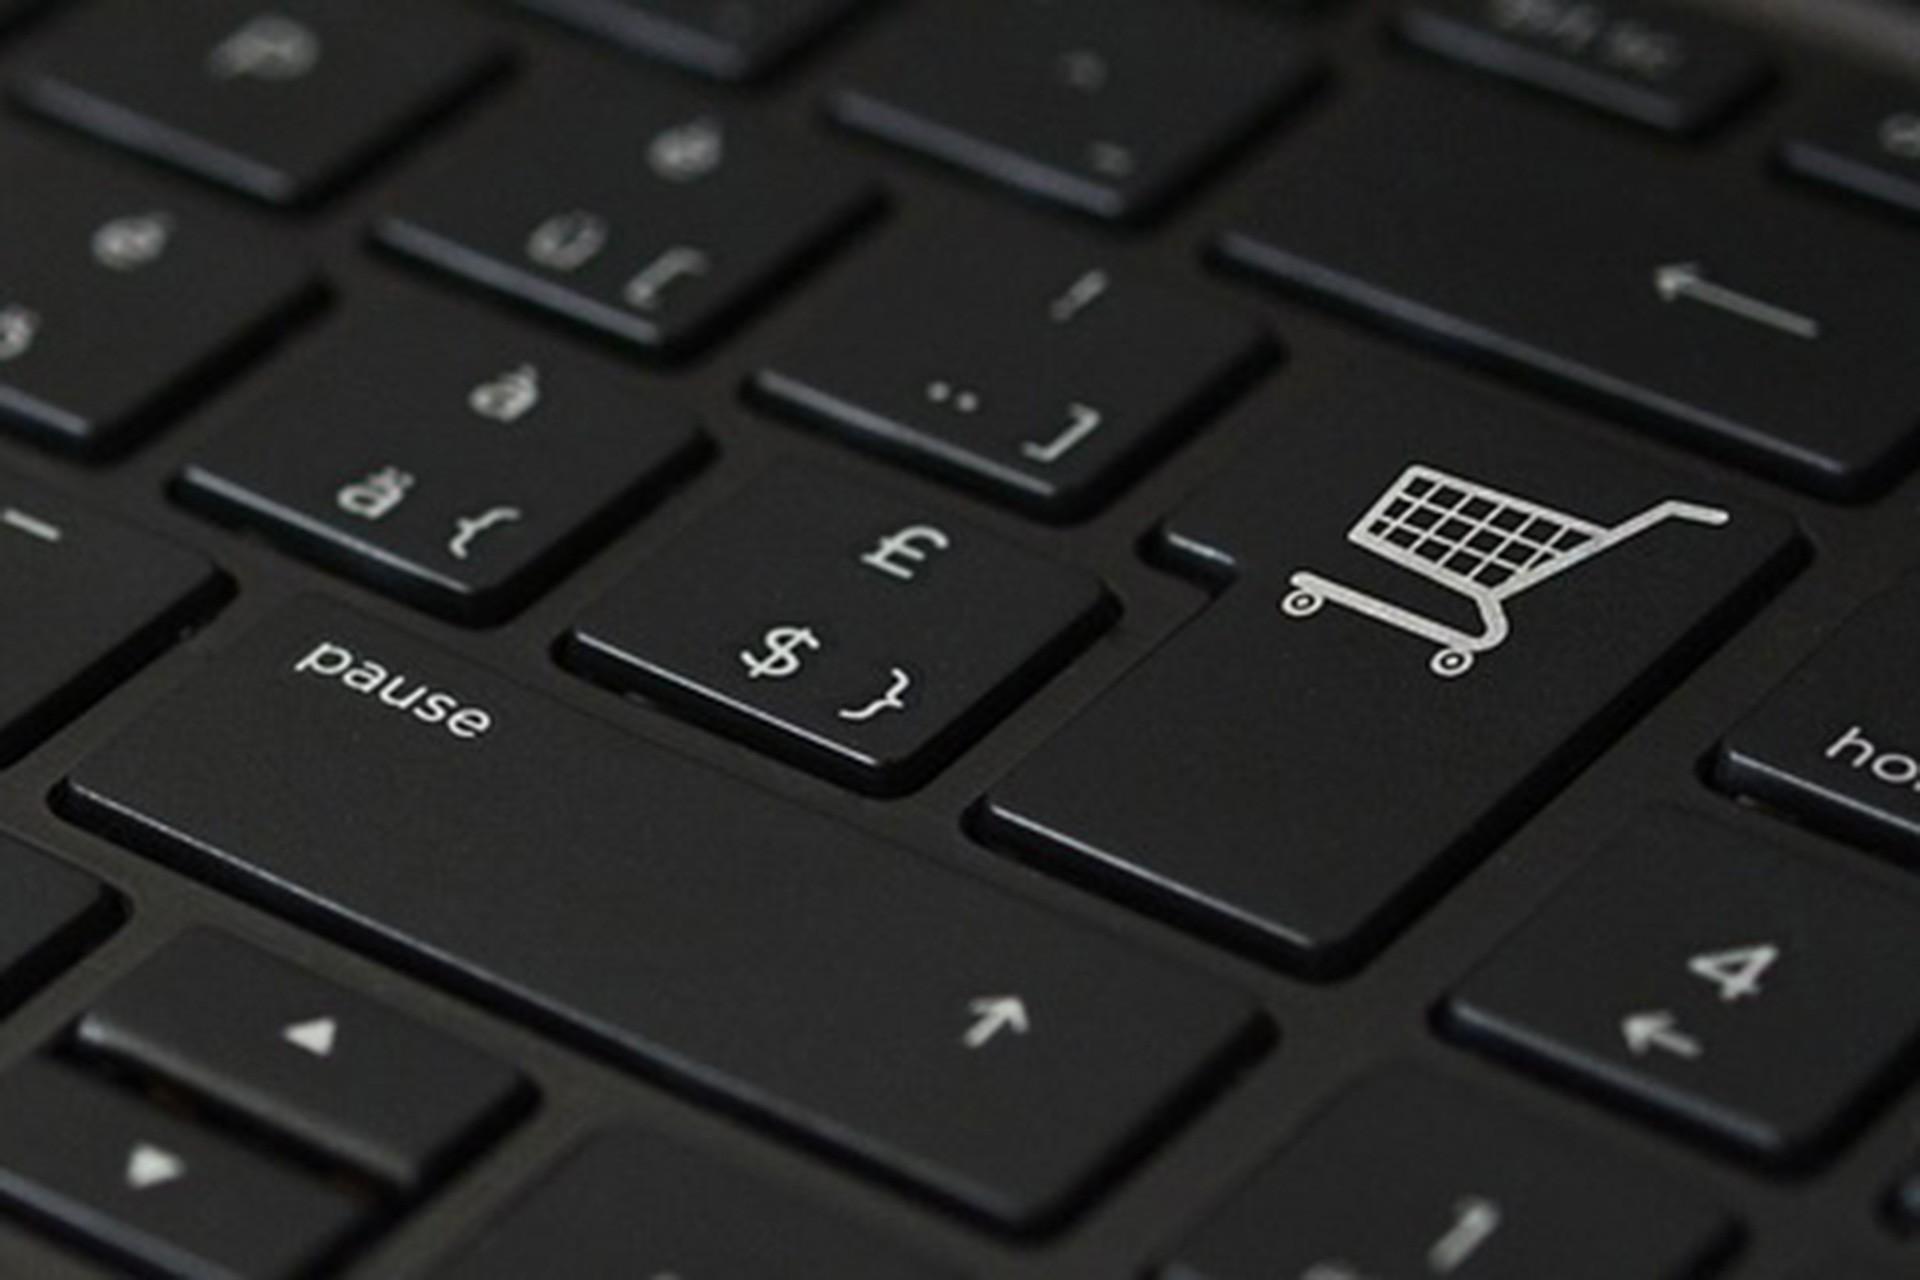 'Cinsel güç artırıcı haptan akıl hapına, internette aldatıcı reklamları önleyin'